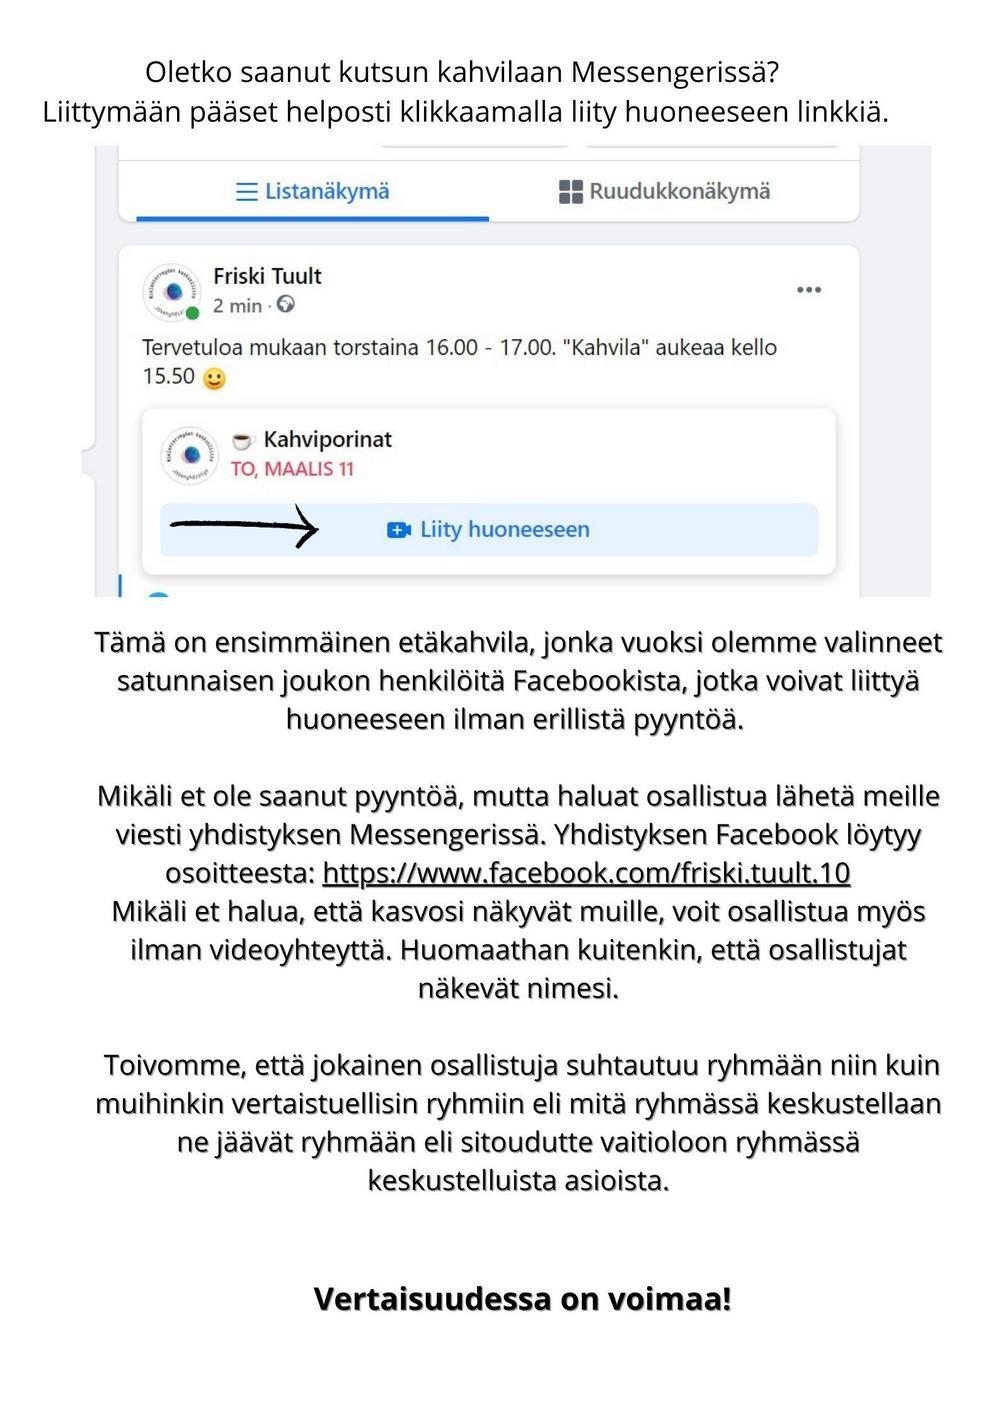 Oletko saanut kutsun kahvilaan Messengerissä? Voit liittyä etäkahvilaan tästä linkistä https://msngr.com/wkbfohdbnrzmTämä on ensimmäinen etäkahvila, jonka vuoksi olemme valinneet satunnaisen joukon henkilöitä Facebookista, jotka voivat liittyä huoneeseen ilman erillistä pyyntöä.   Mikäli et ole saanut pyyntöä, mutta haluat osallistua lähetä meille viesti yhdistyksen Messengerissä. Yhdistyksen Facebook löytyy osoitteesta: https://www.facebook.com/friski.tuult.10    Mikäli et halua, että kasvosi näkyvät muille, voit osallistua myös ilman videoyhteyttä. Huomaathan kuitenkin, että osallistujat näkevät nimesi.   Toivomme, että jokainen osallistuja suhtautuu ryhmään niin kuin muihinkin vertaistuellisin ryhmiin eli mitä ryhmässä keskustellaan ne jäävät ryhmään eli sitoudutte vaitioloon ryhmässä keskustelluista asioista.    Vertaisuudessa on voimaa!